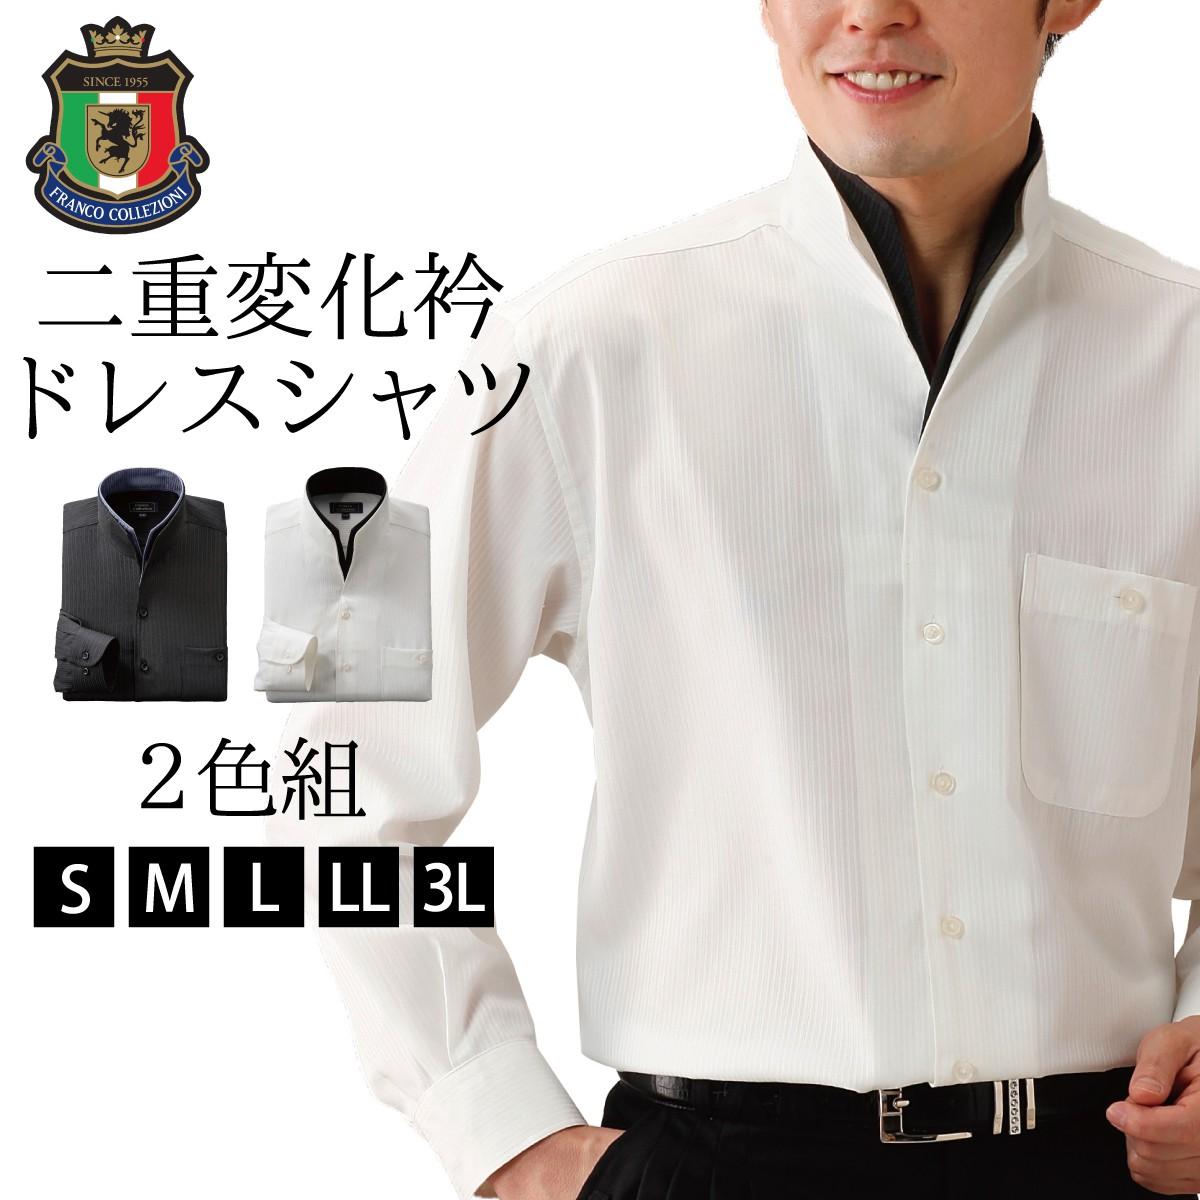 二重変化衿ドレスシャツ2枚組50238  人気